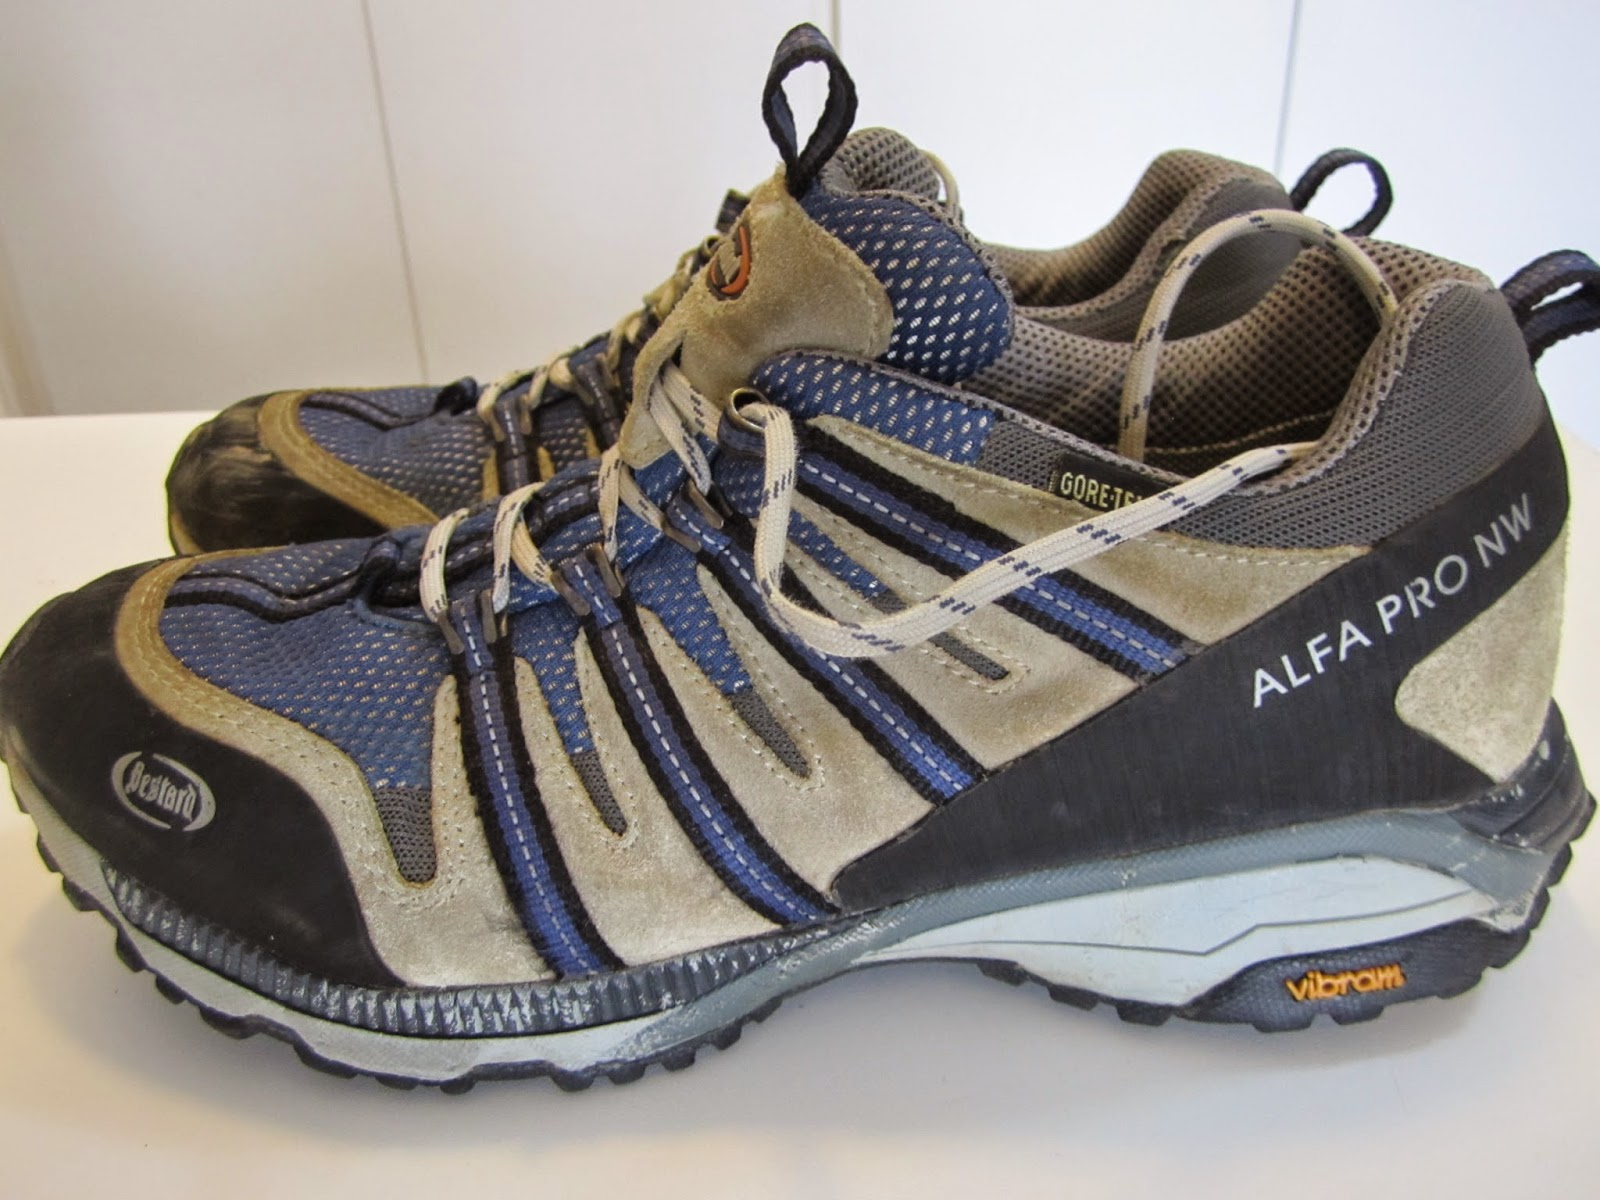 46480a88c Este já é um produto mas moderno para corridas de aventura, fabricados pela  empresa Espanhola BESTARD, foi desenvolvida para caminhadas e corridas em  ...